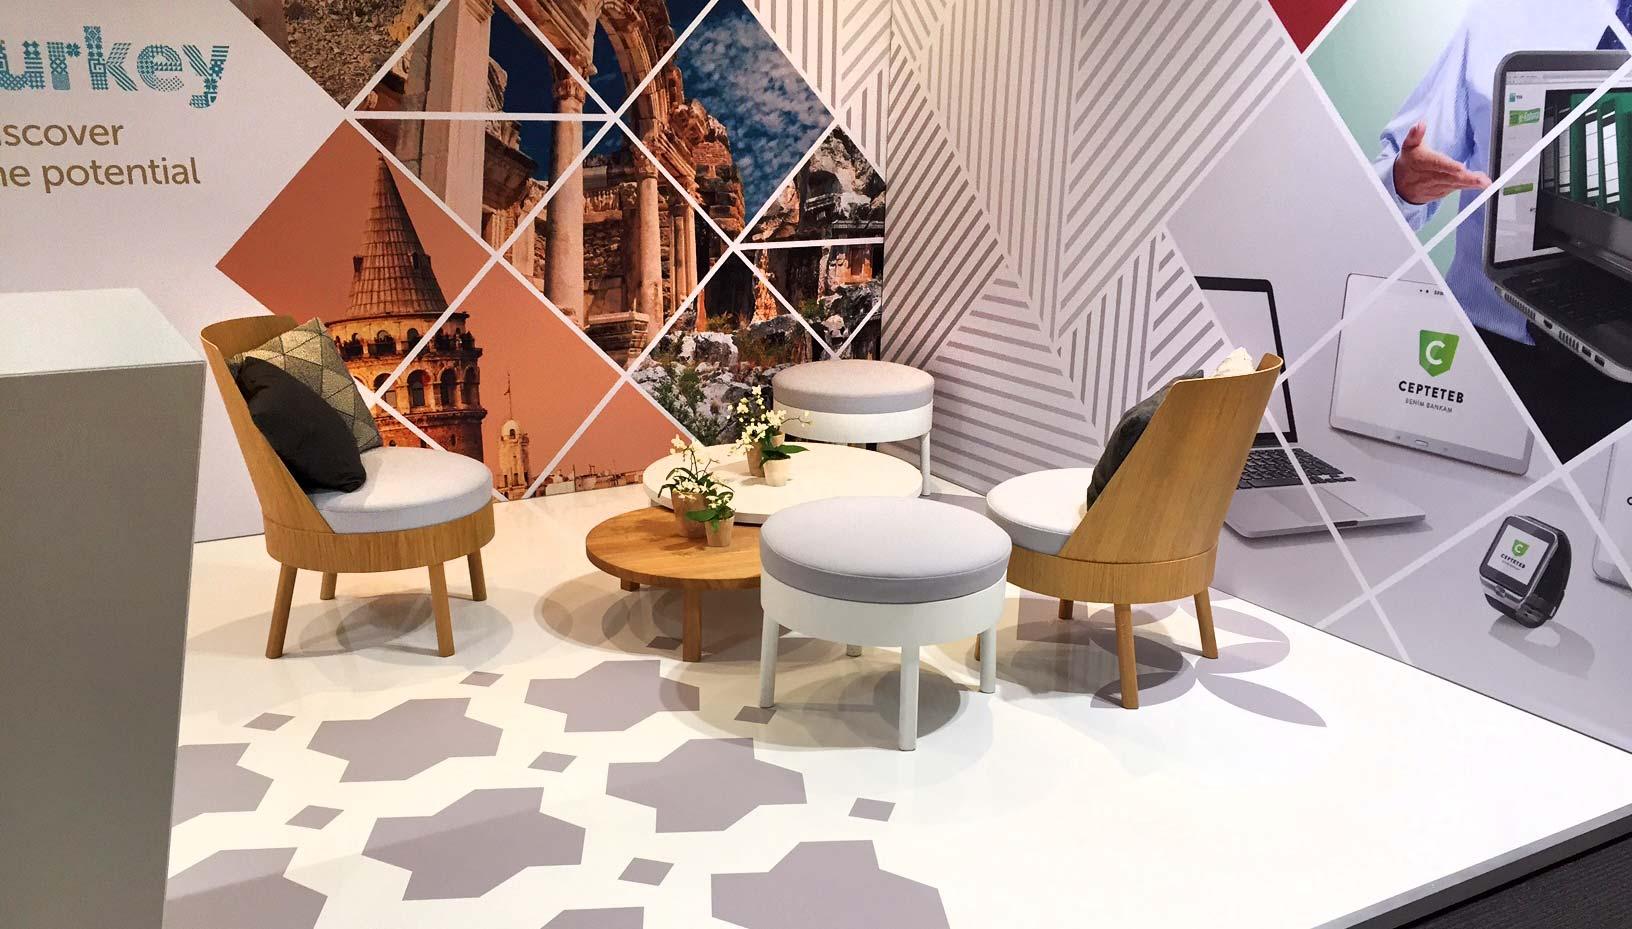 Sitzbereich mit modernem Mobiliar und Dekoration